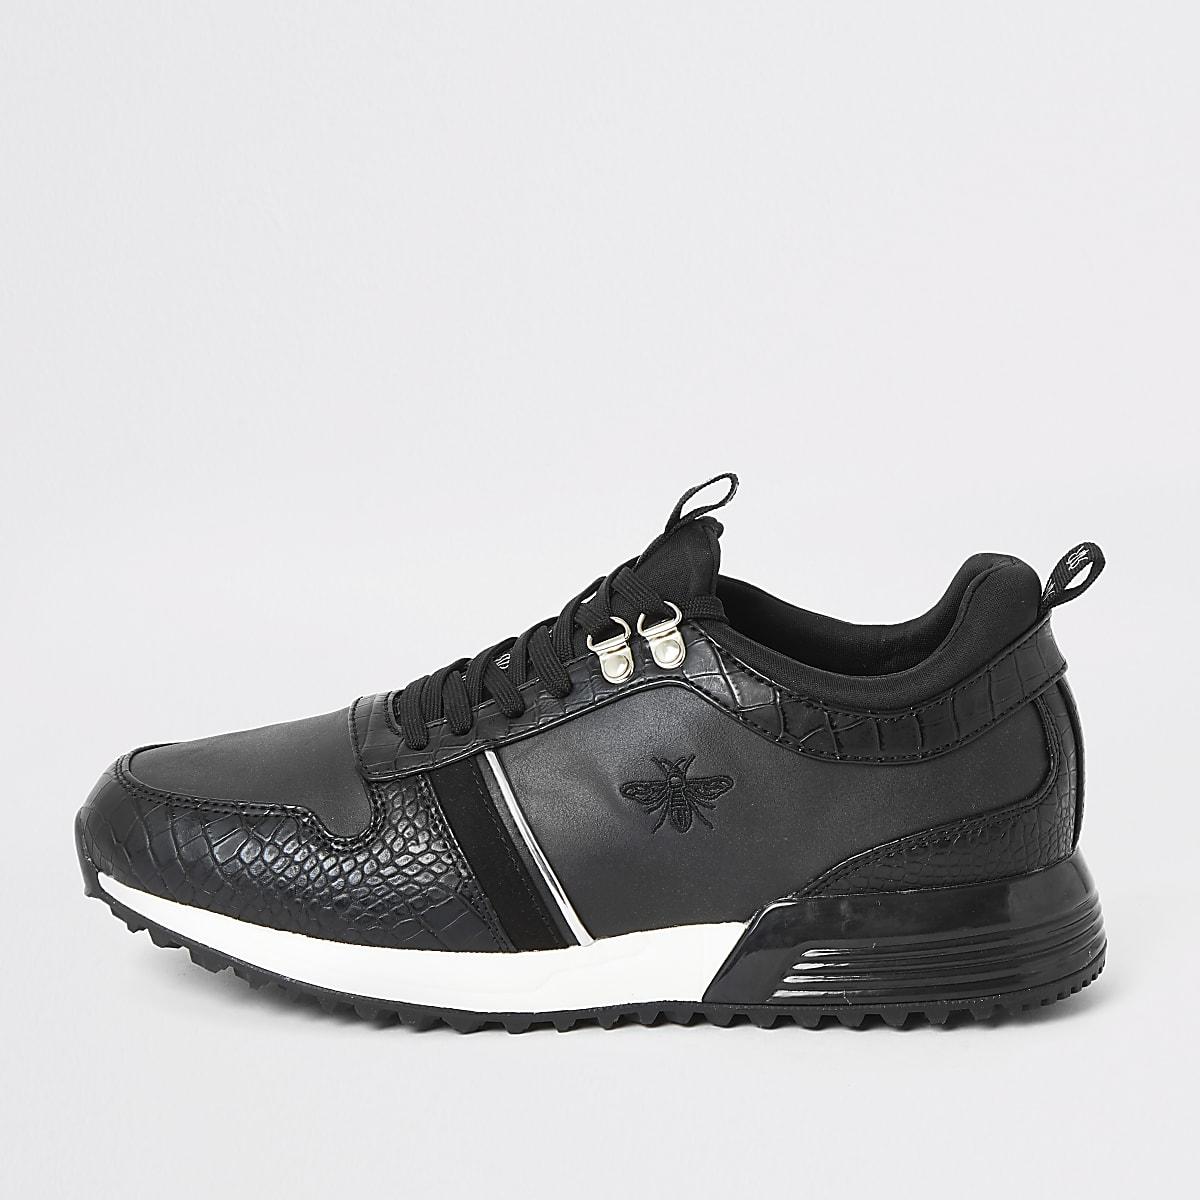 Zwarte sneakers met krokodillenmotief en vetersluiting